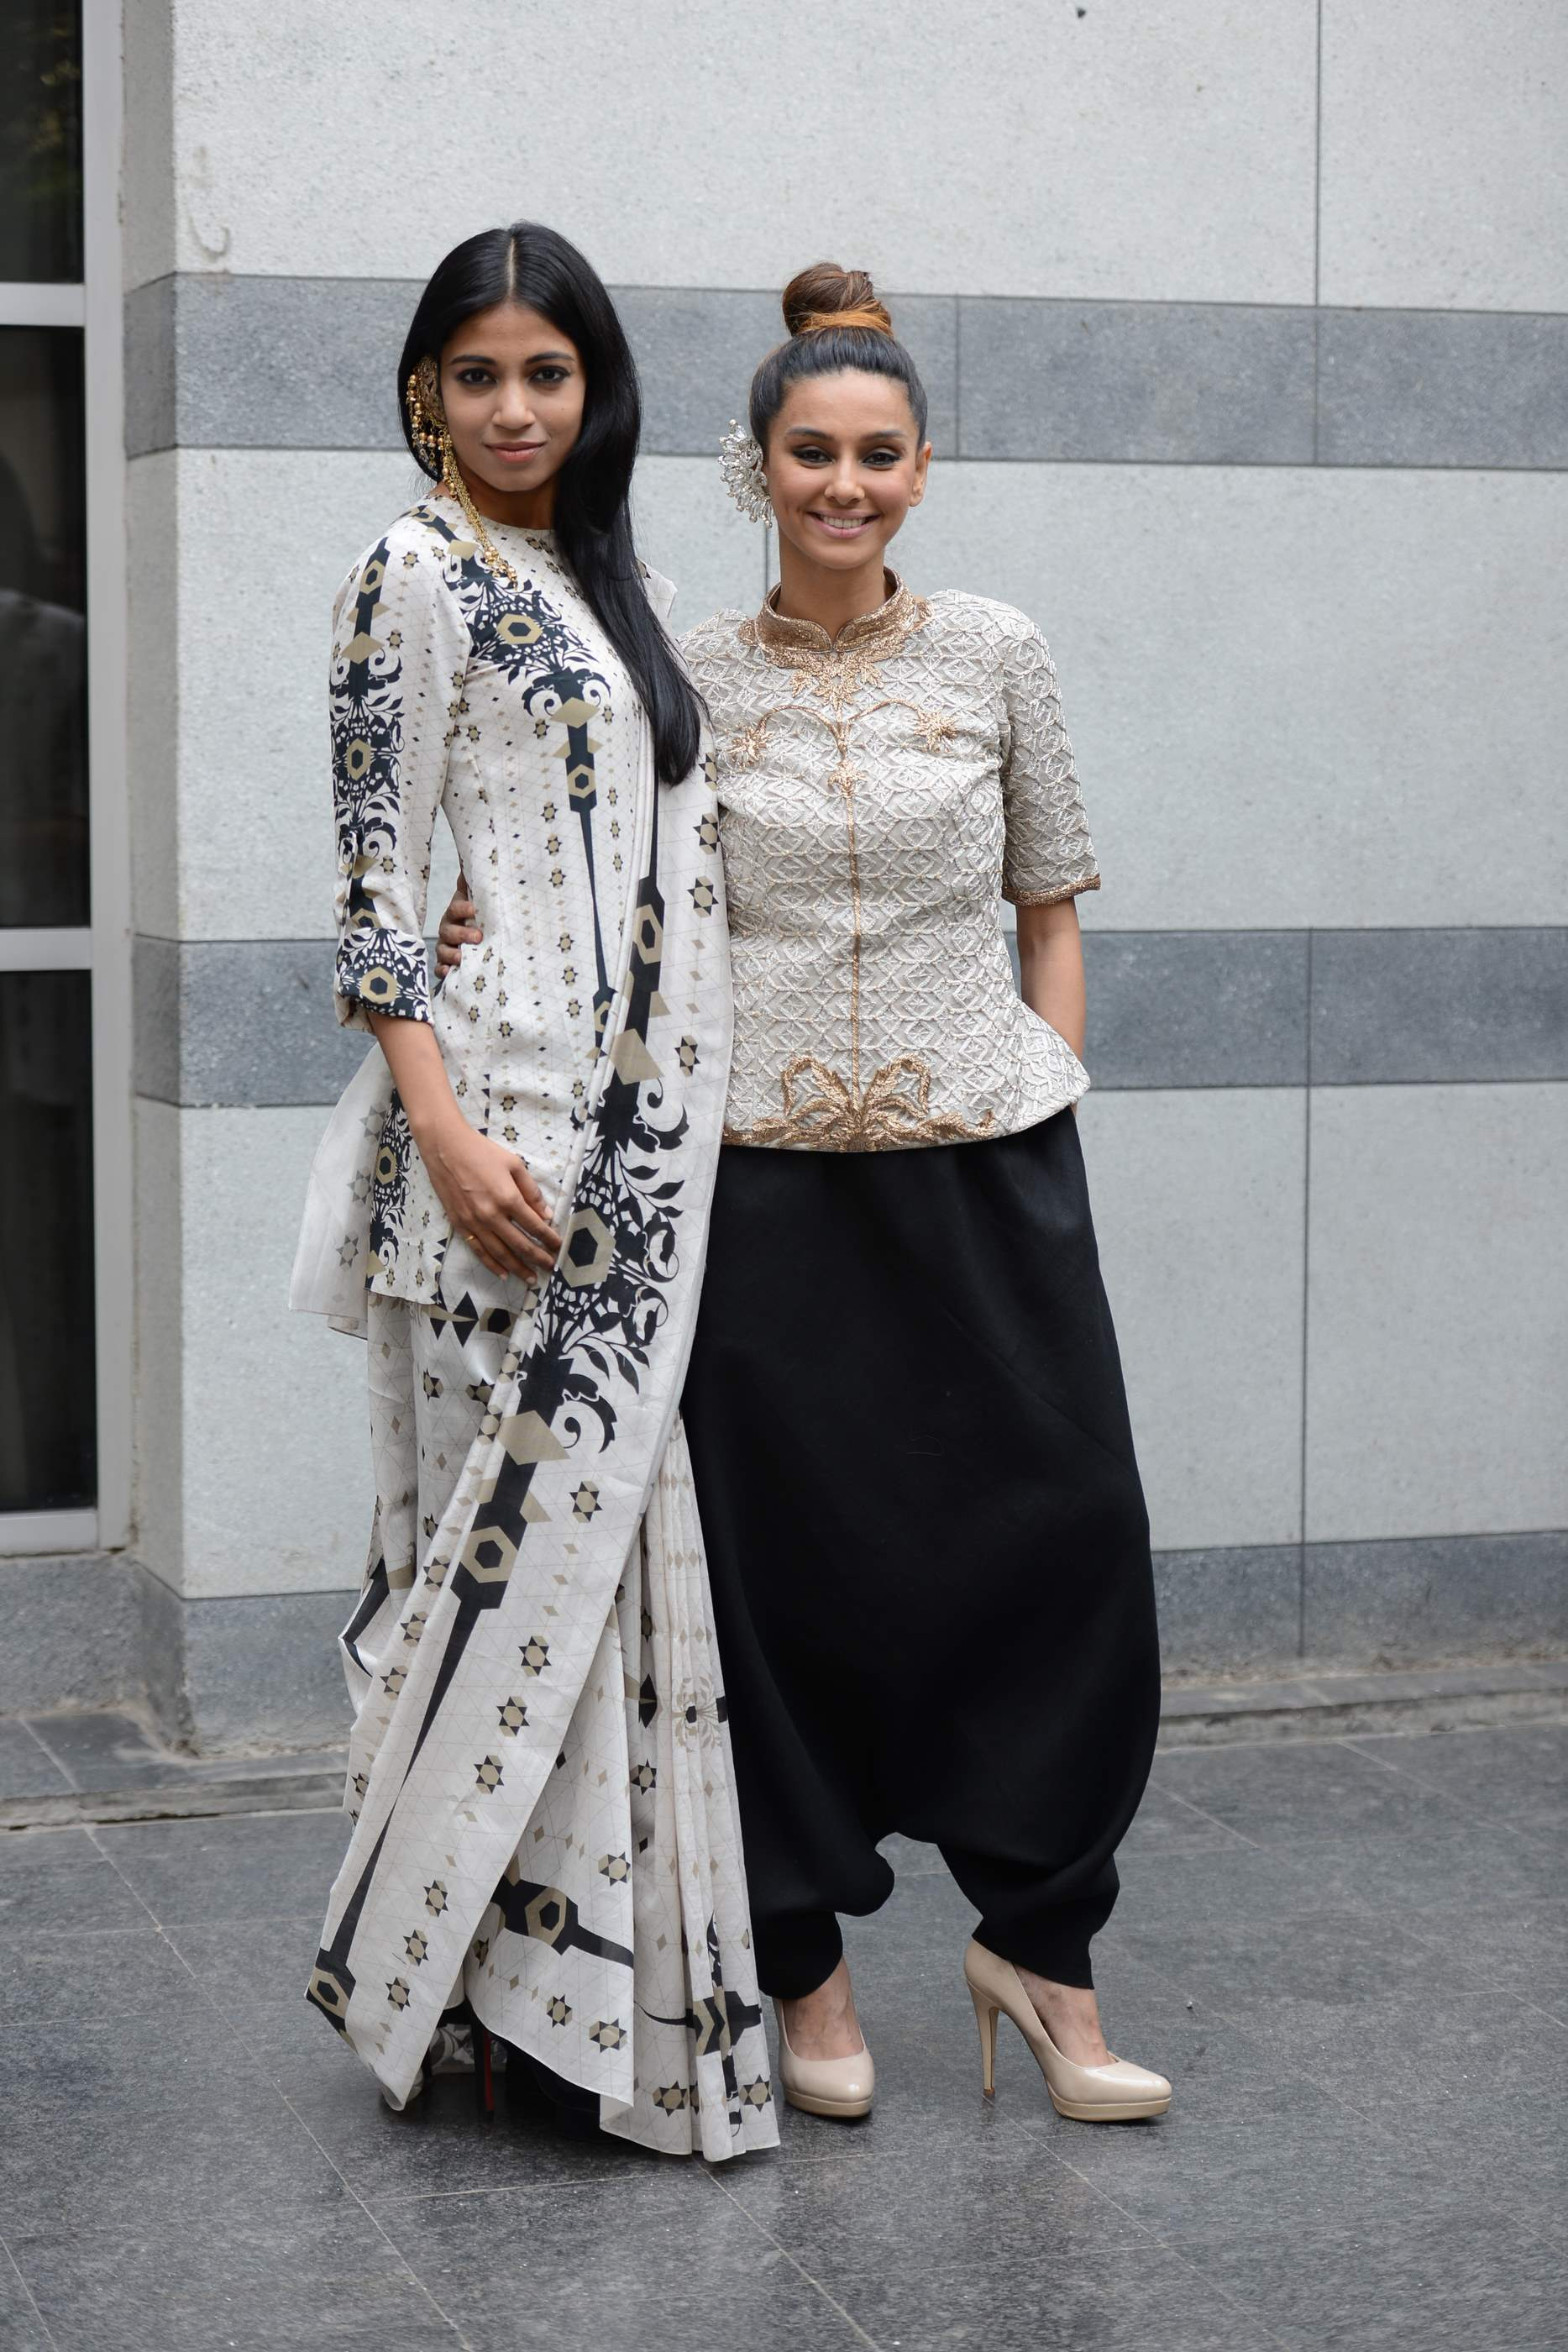 Shibani Dandekar and Bhagyashree Raut dressed in Lady Sahara by Payal Singhal